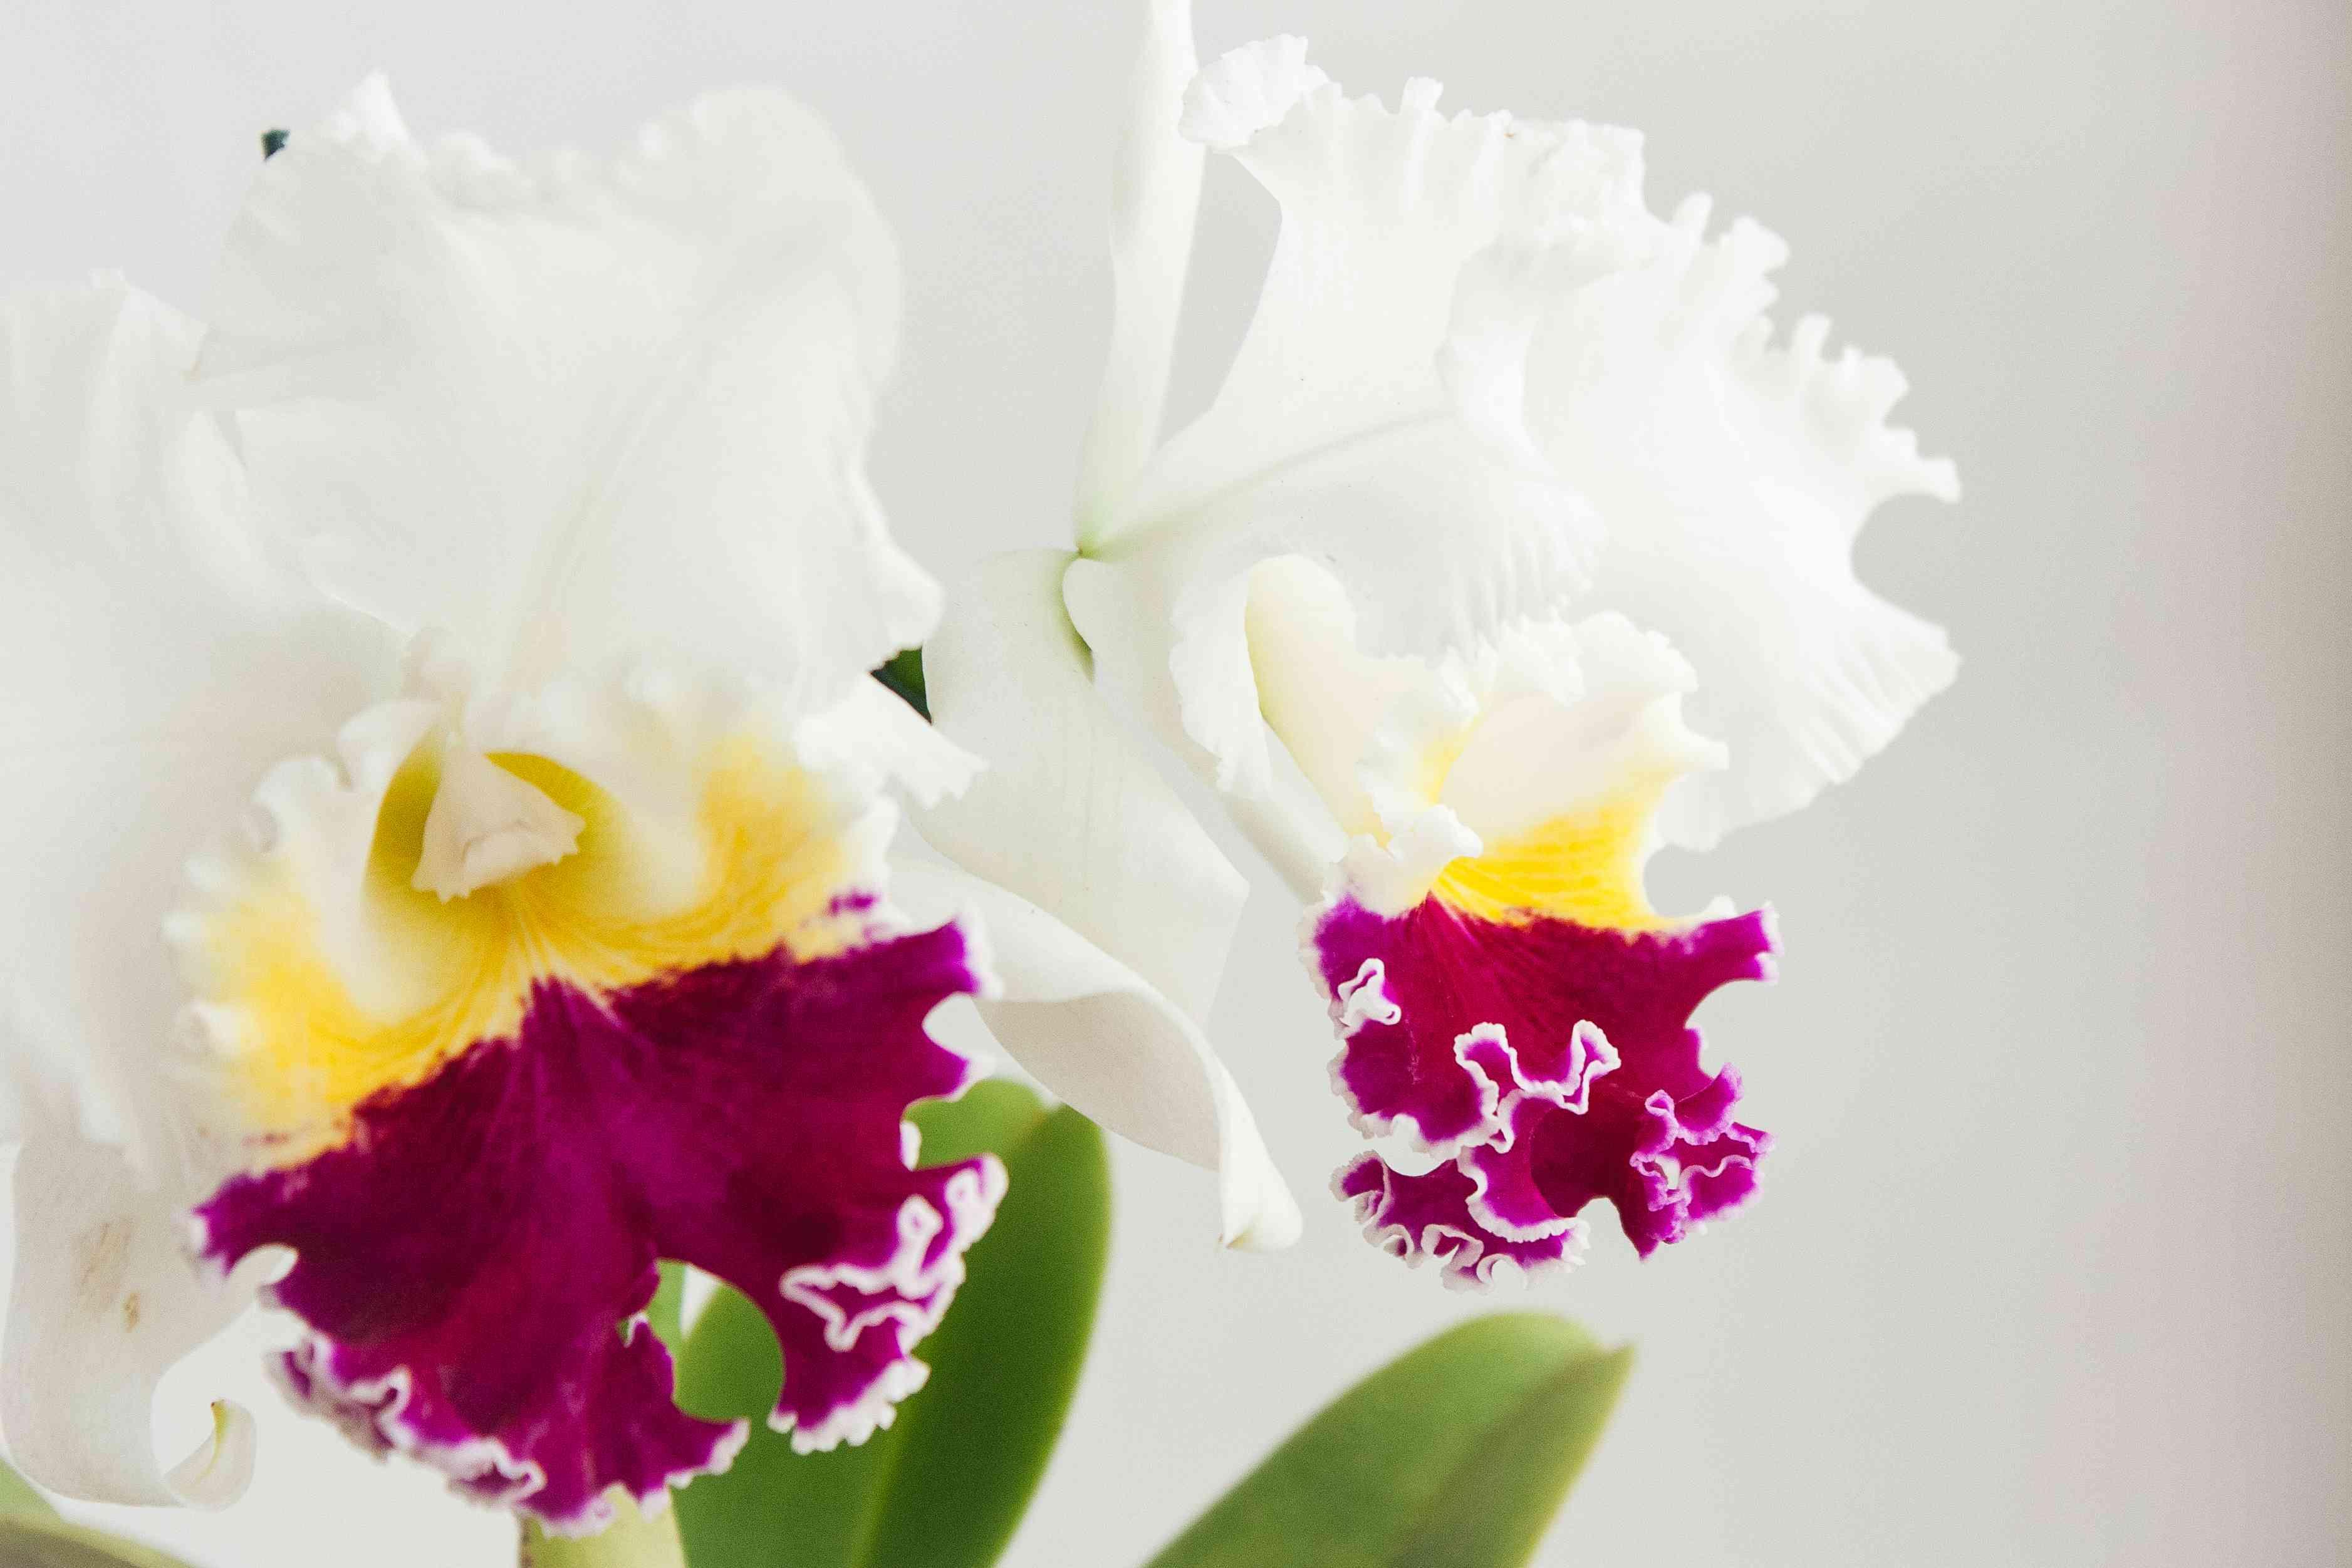 closeup of cattleya orchids